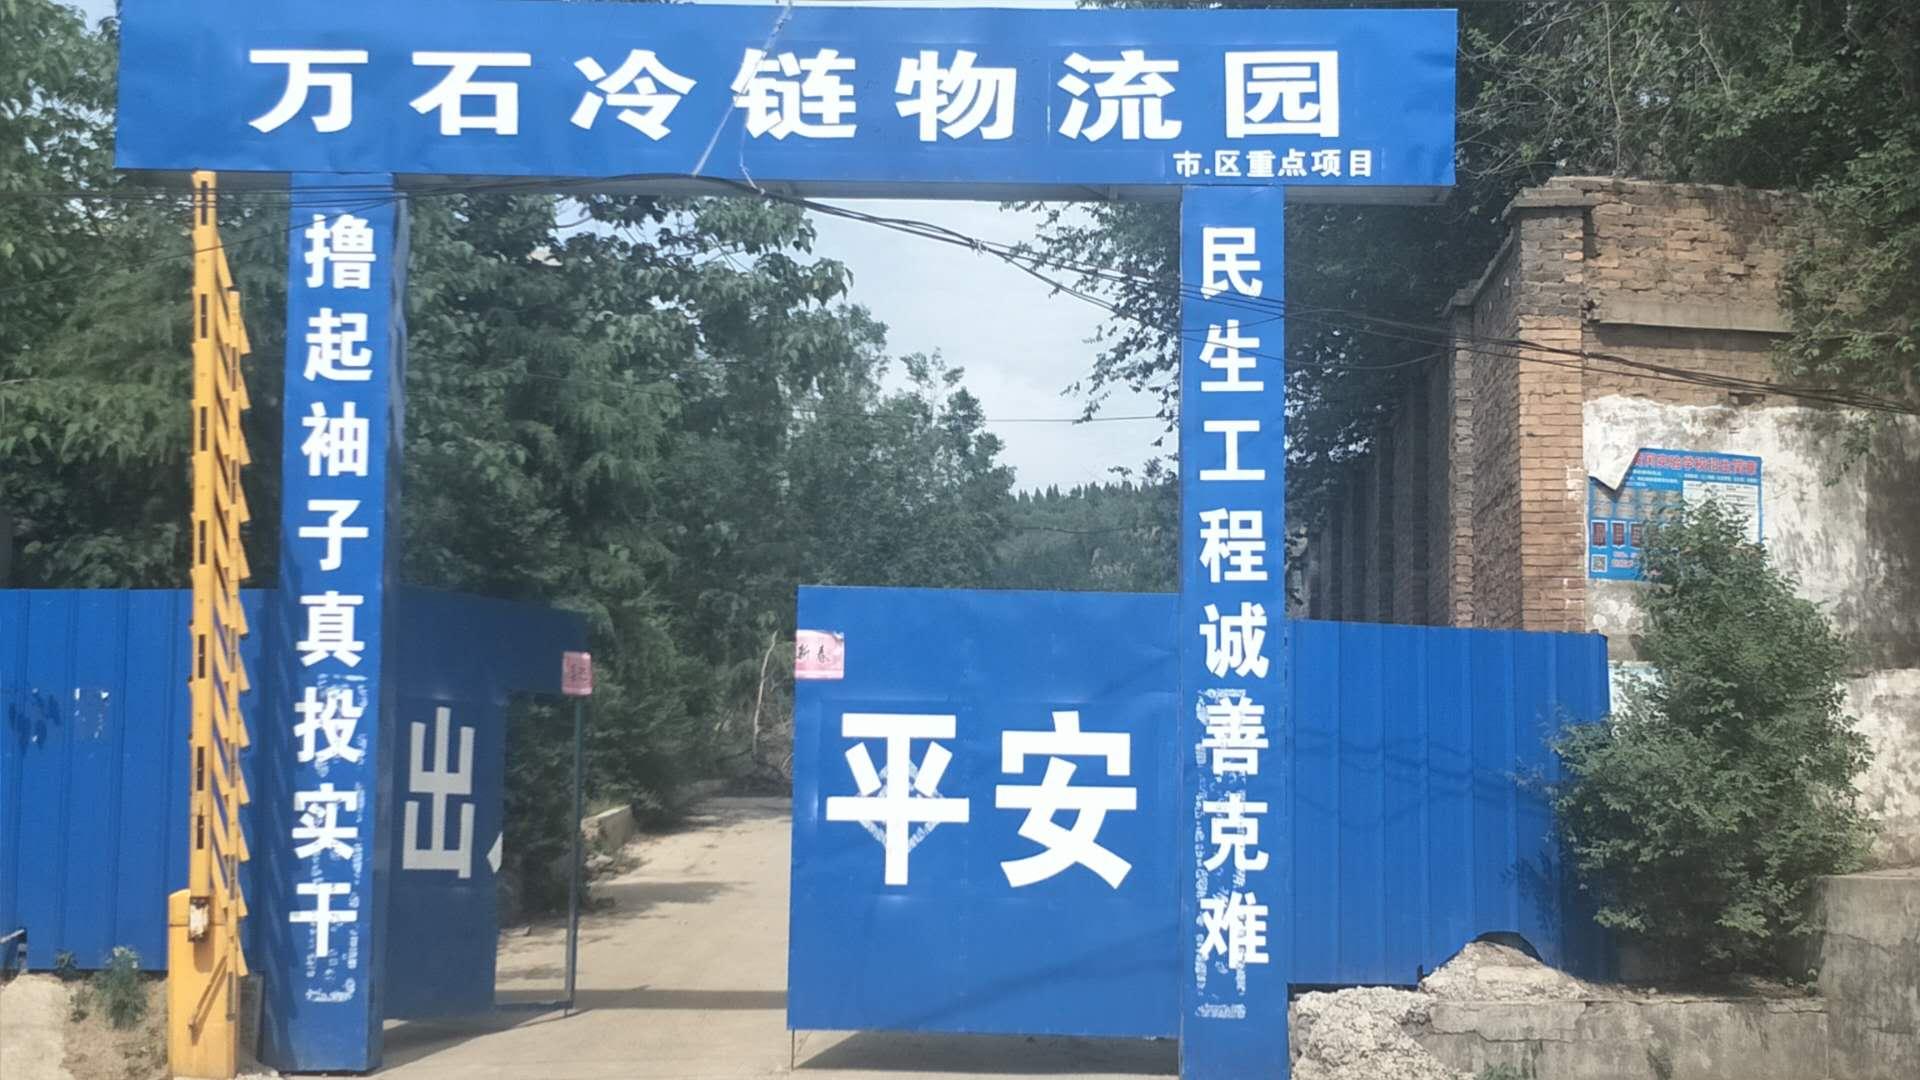 河南三门峡:万石冷链物流园项目何以手续不全就能开工?